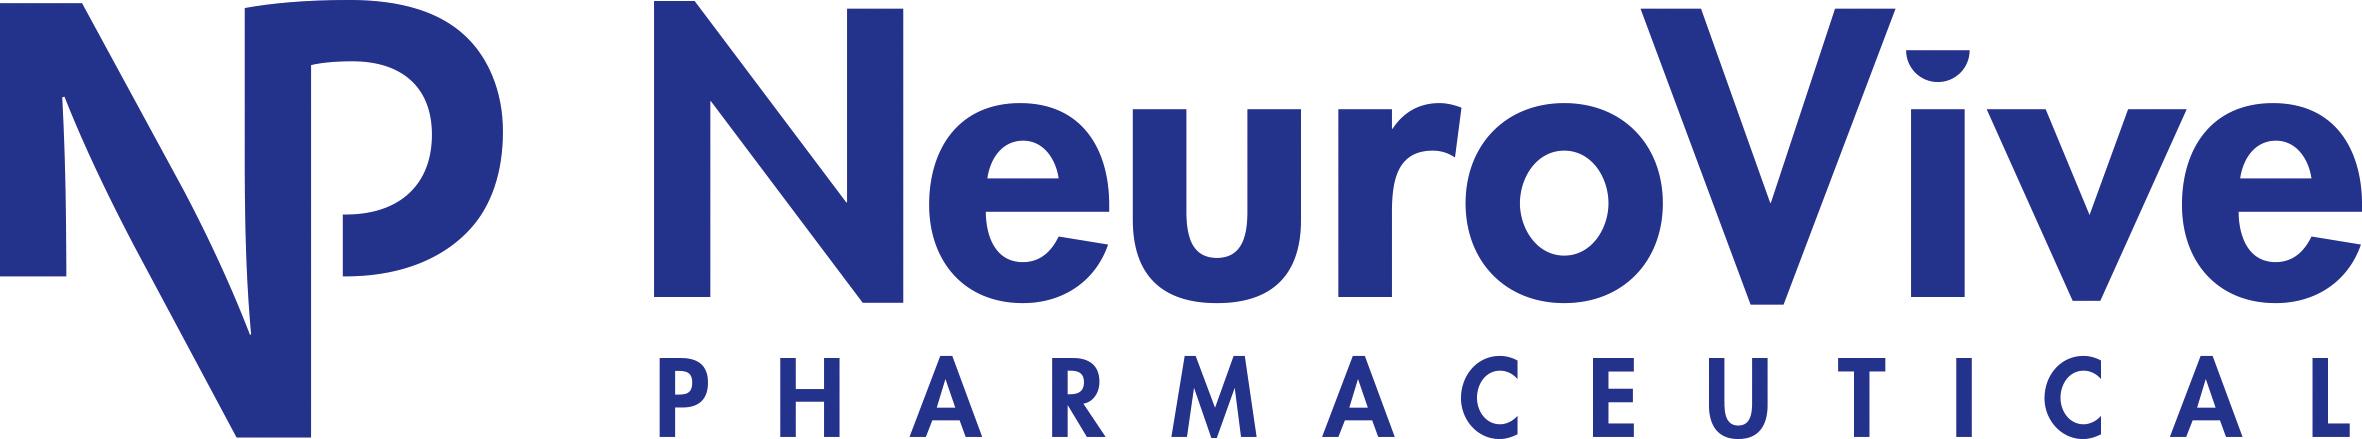 NeuroVive logotyp ny frÜn bolaget.jpg